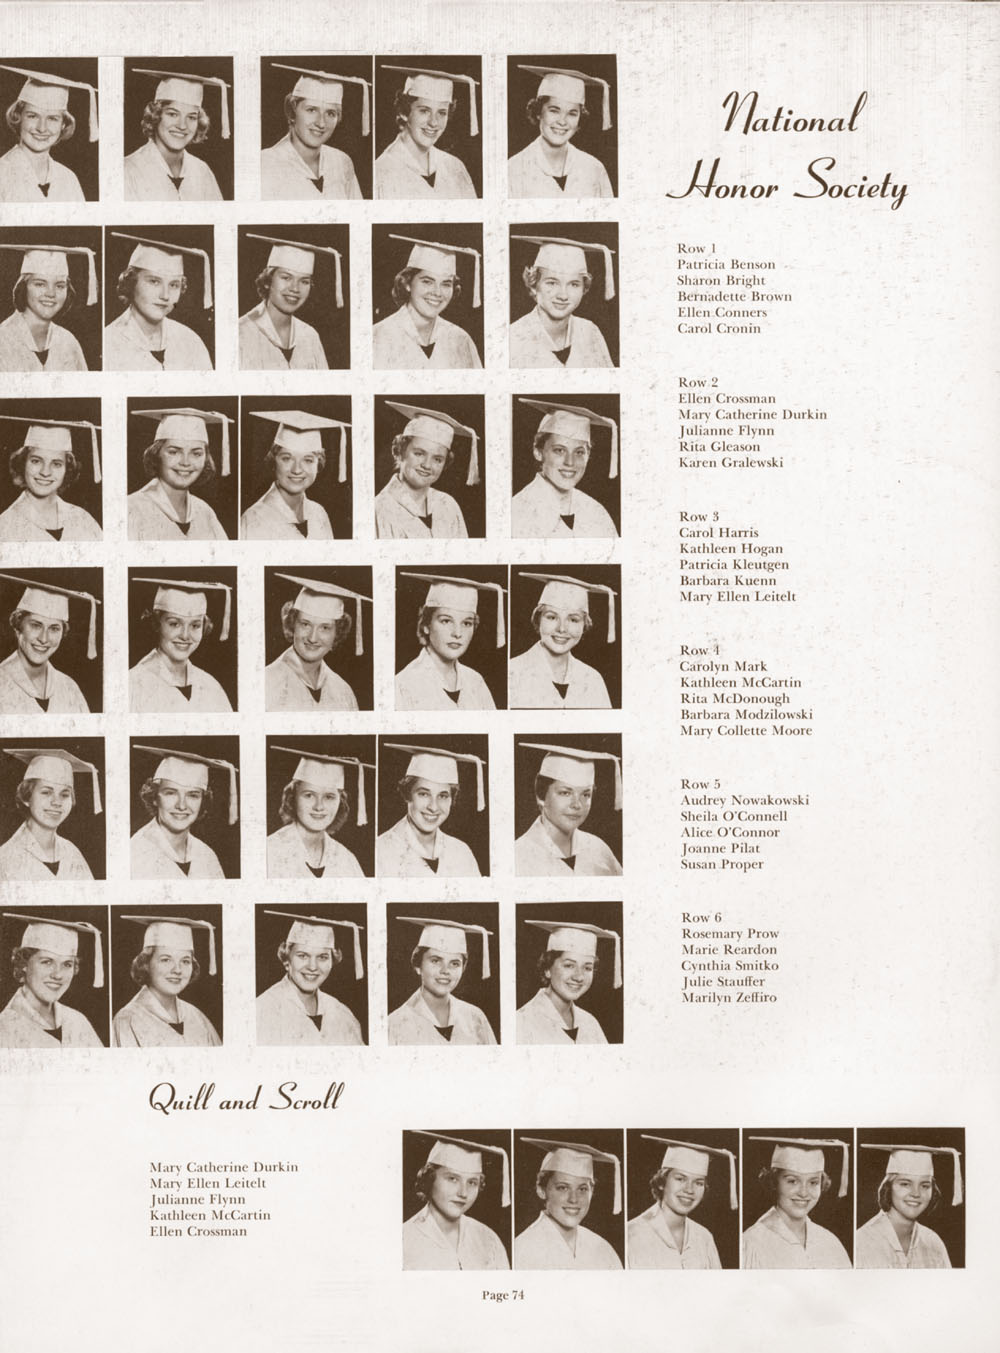 Aquinas Dominican High School - Taquin '60 - Class of 1962